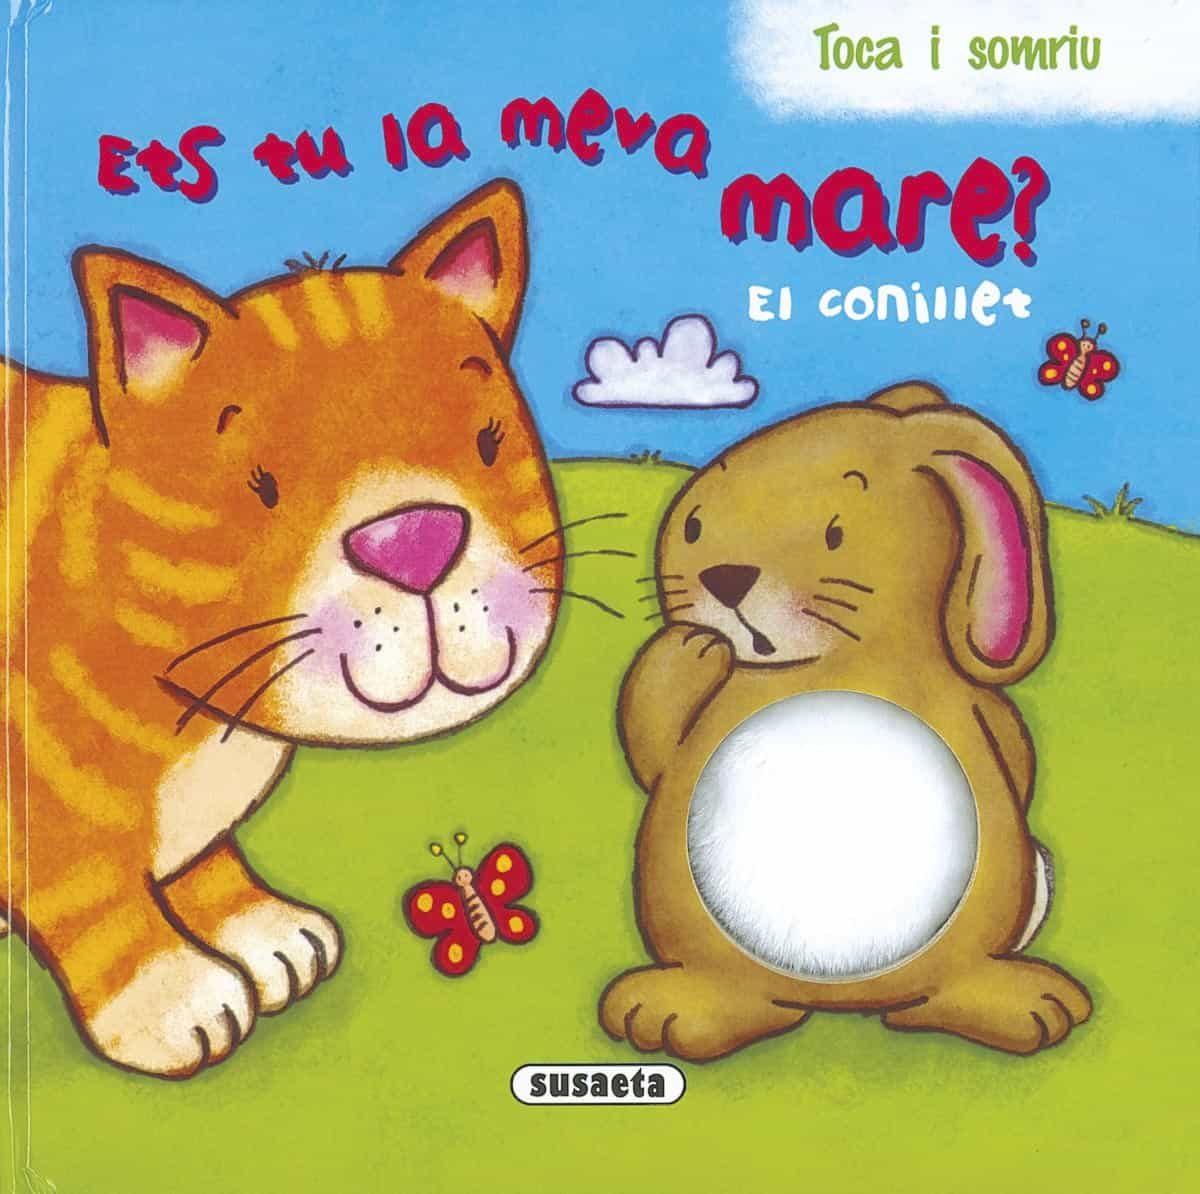 El Conillet (ets Tu La Meva Mare?) - Vv.aa.